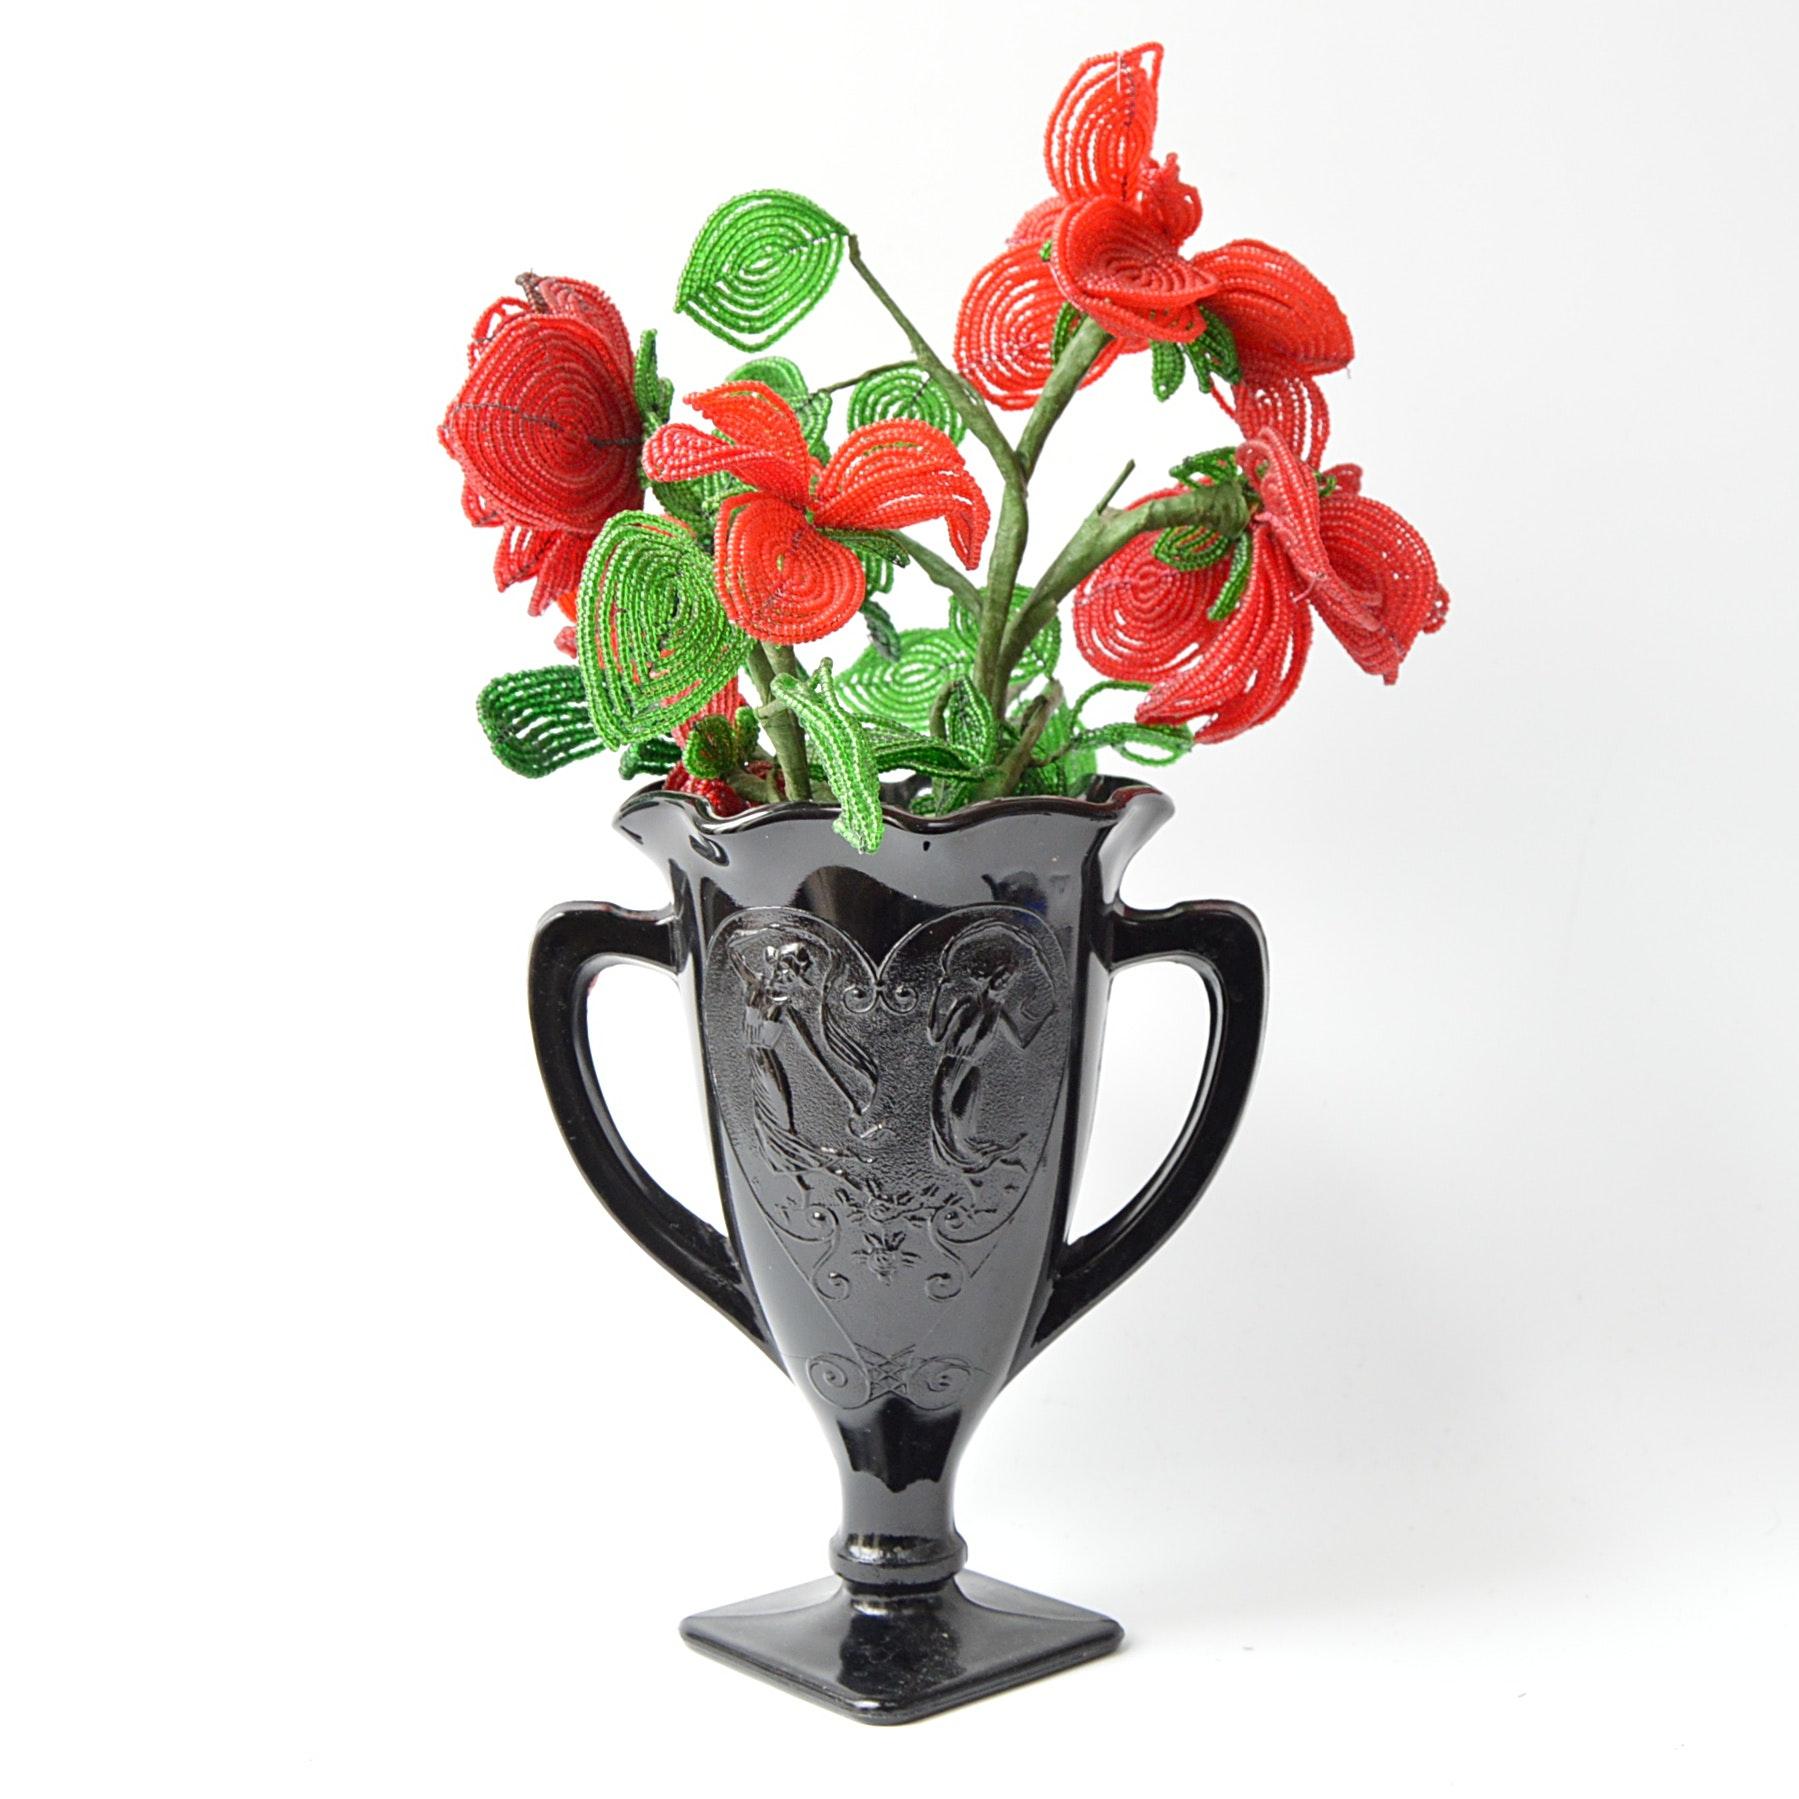 Vintage Black Glass Urn Vase with Beaded Flower Arrangement